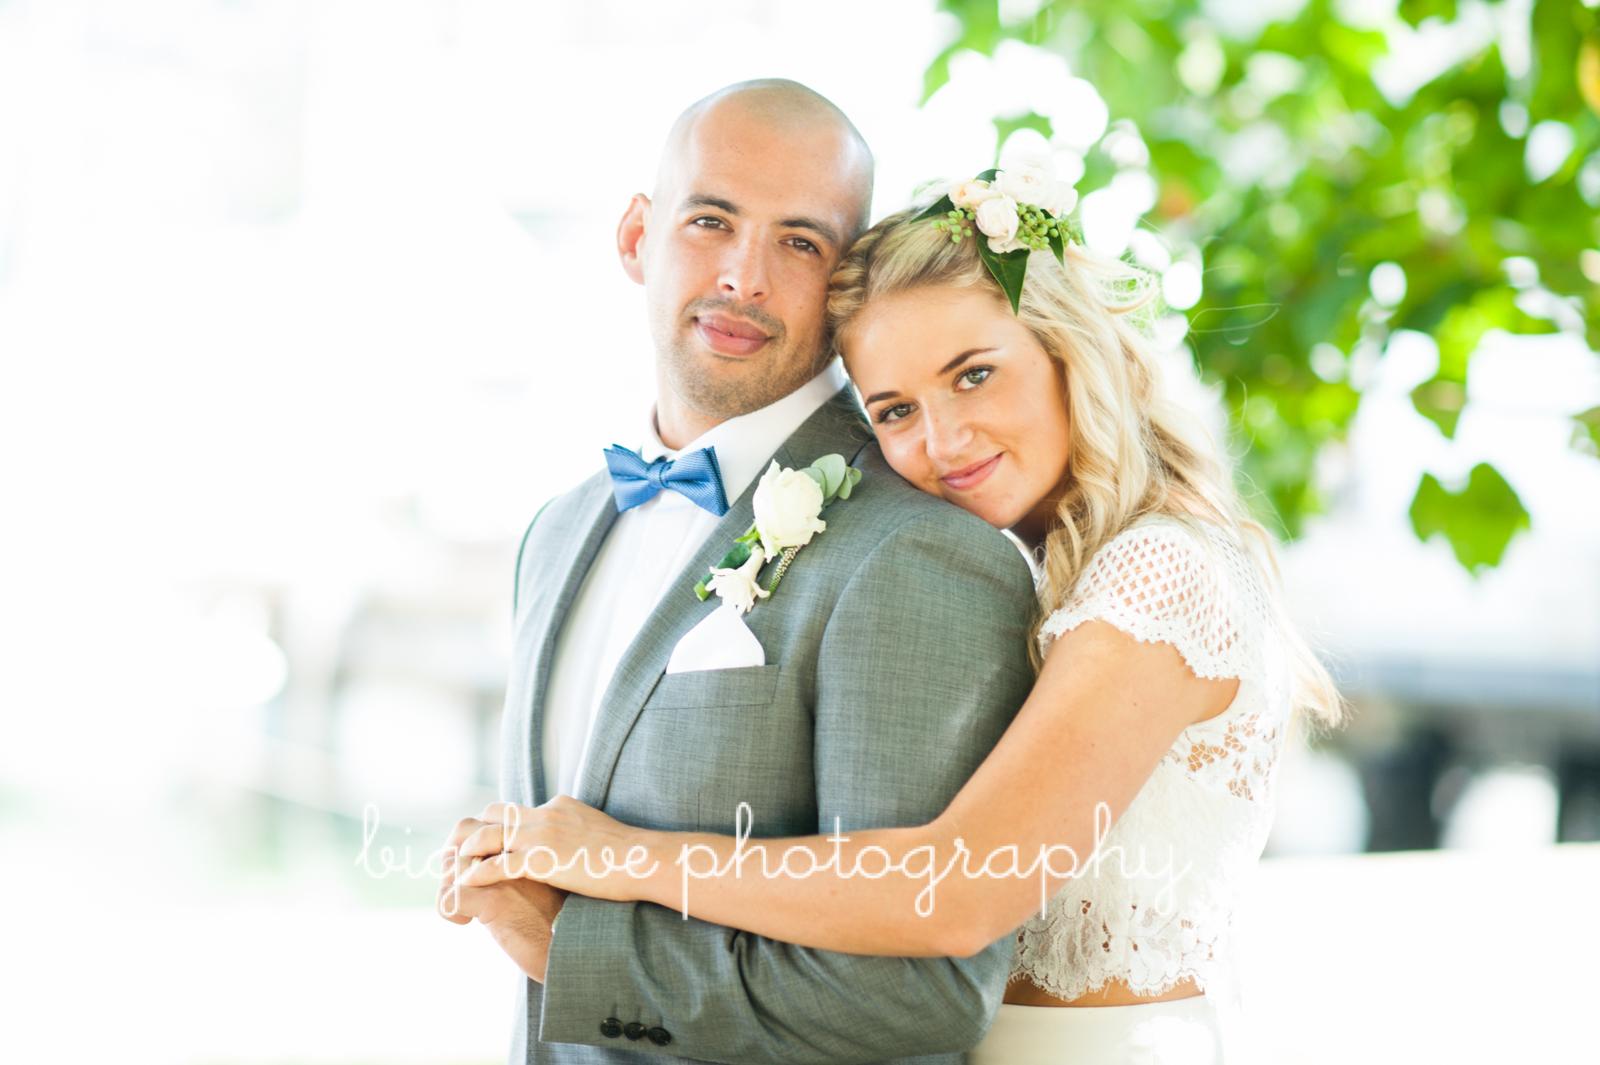 weddingphotographernsw-2006.jpg